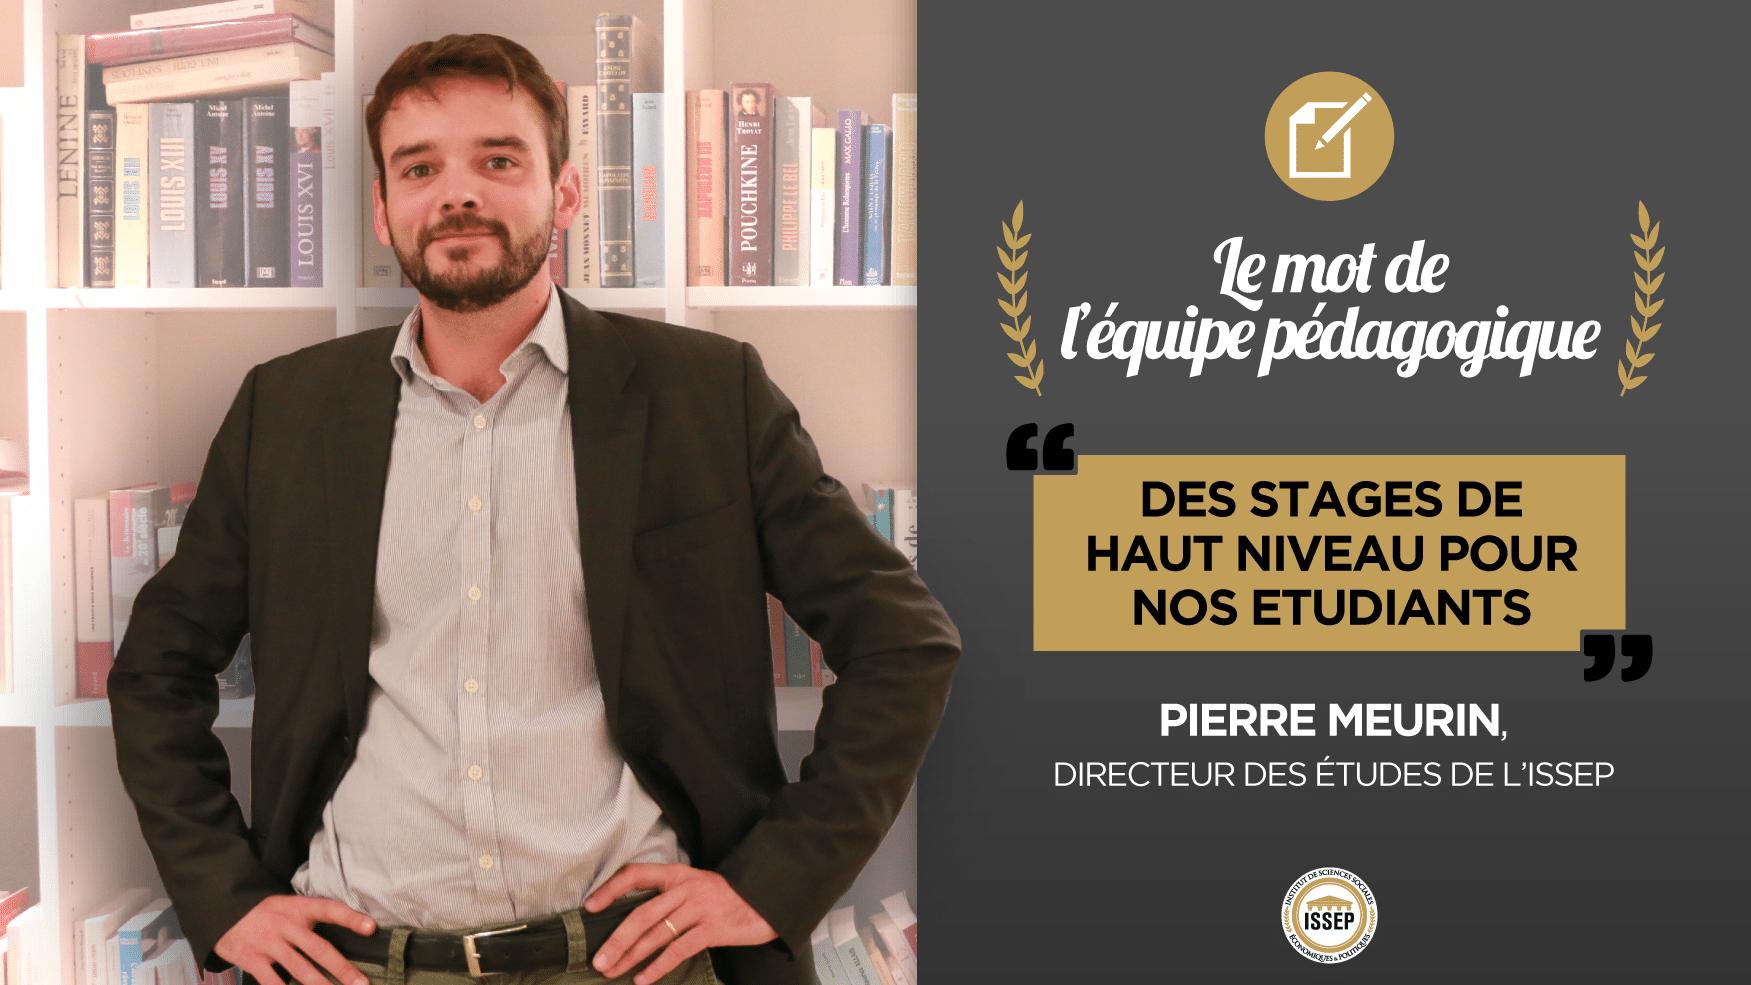 Le mot de Pierre Meurin, directeur des études de l'ISSEP